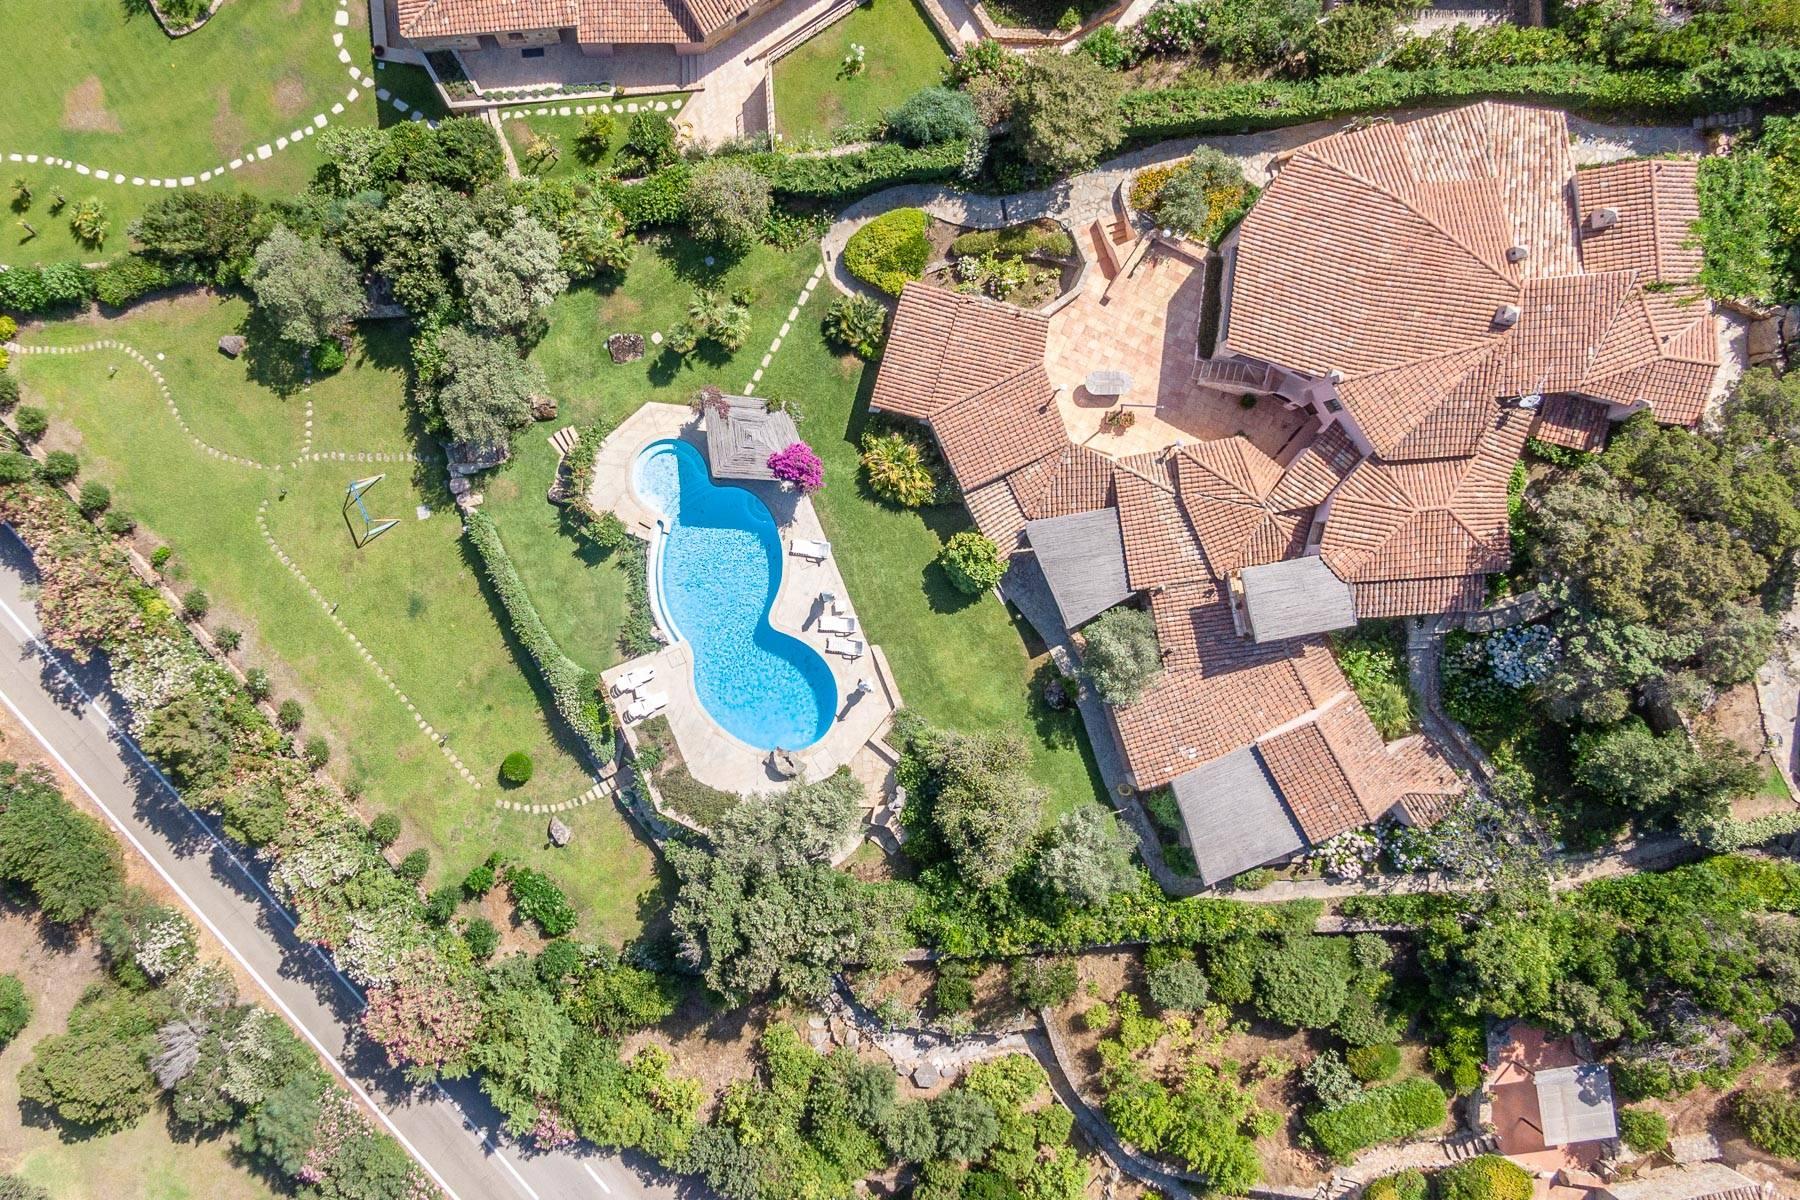 Bellissima villa indipendente con piscina a pochi passi dal Golf Club e Cala di Volpe - 4